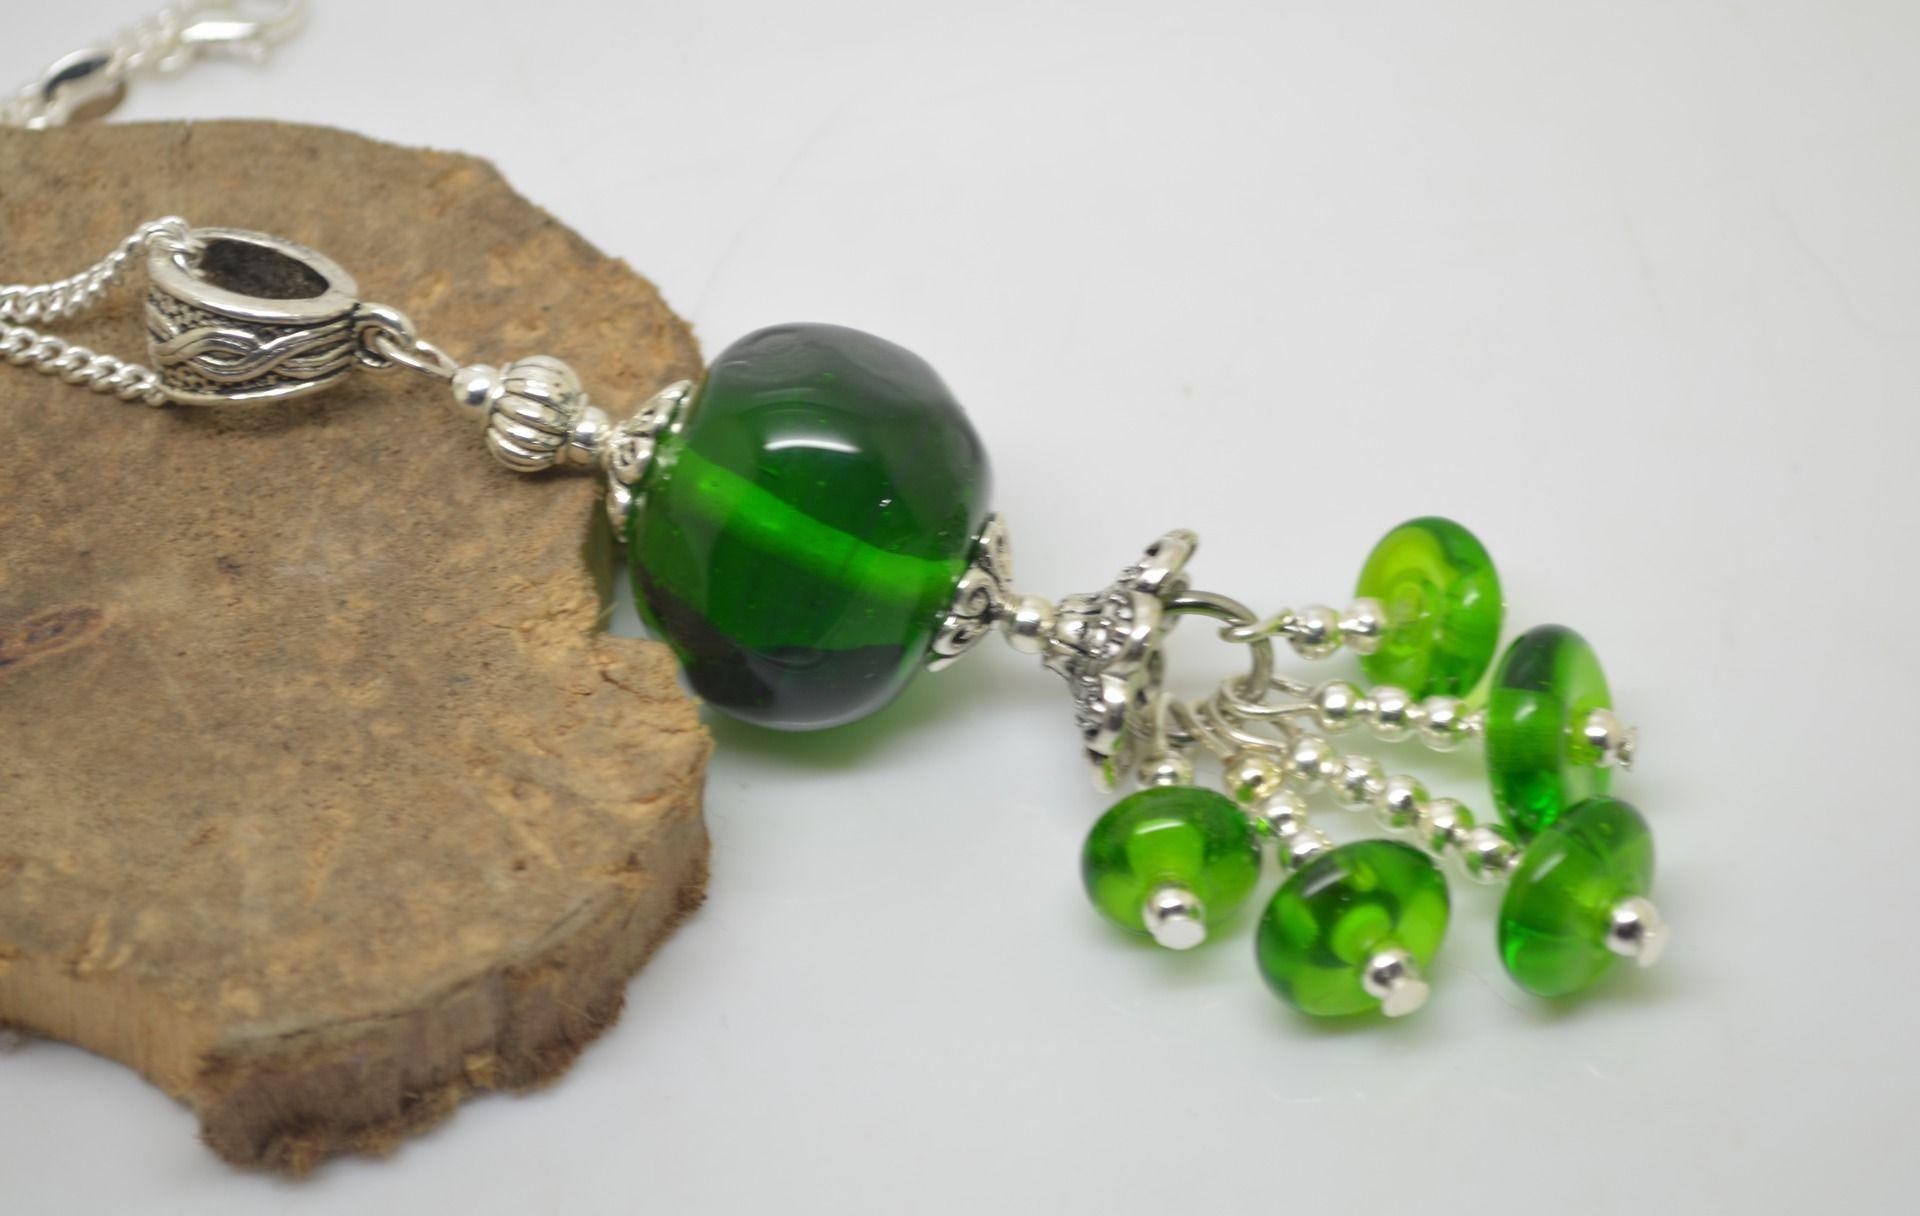 collier 60 cm perles verre filé au chalumeau vert chaine argent 925 collier rose : Collier par liloo-creations